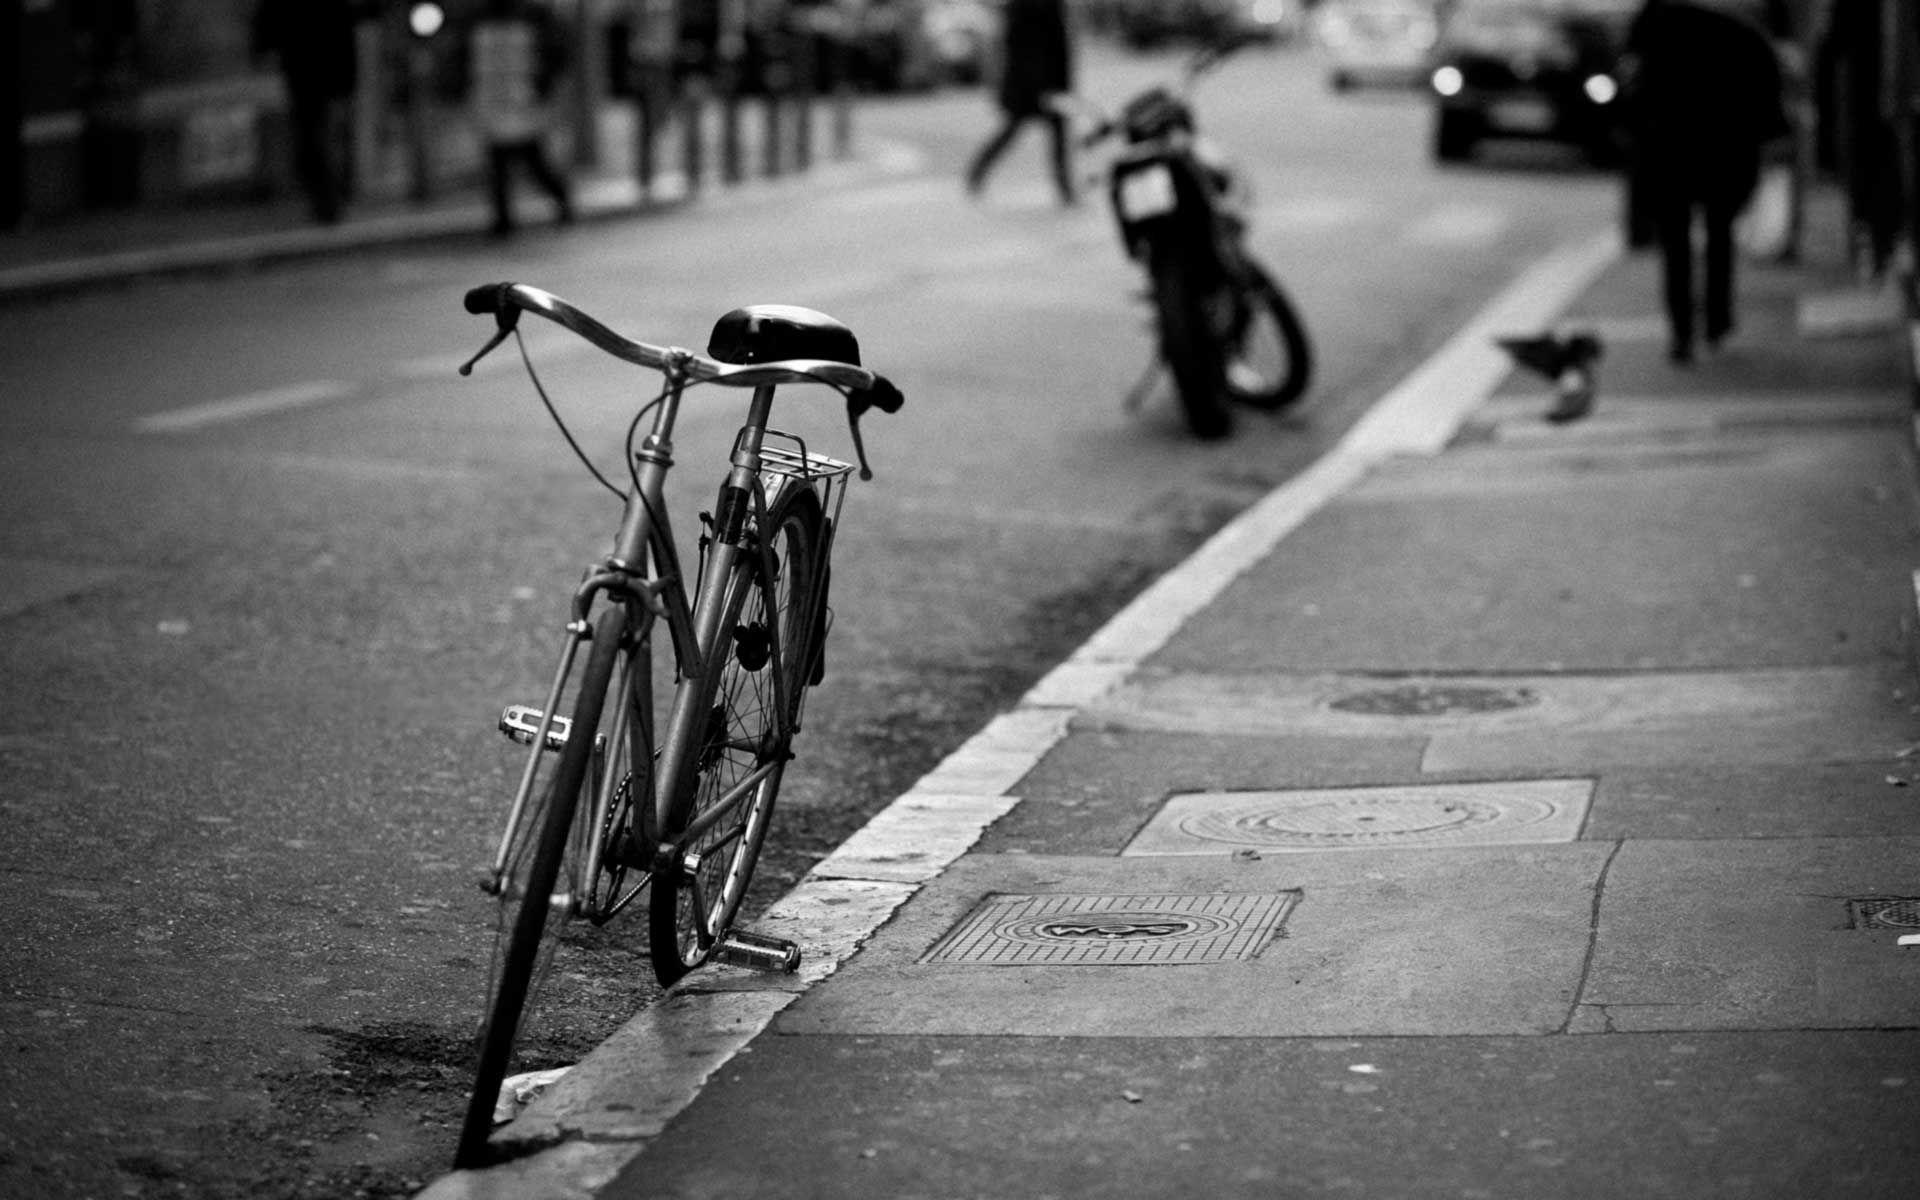 Wenn es um das Parken von Fahrrädern geht, dann ist die Fahrbahn wie selbstverständlich parkenden Autos vorbehalten. Das muss nicht sein.